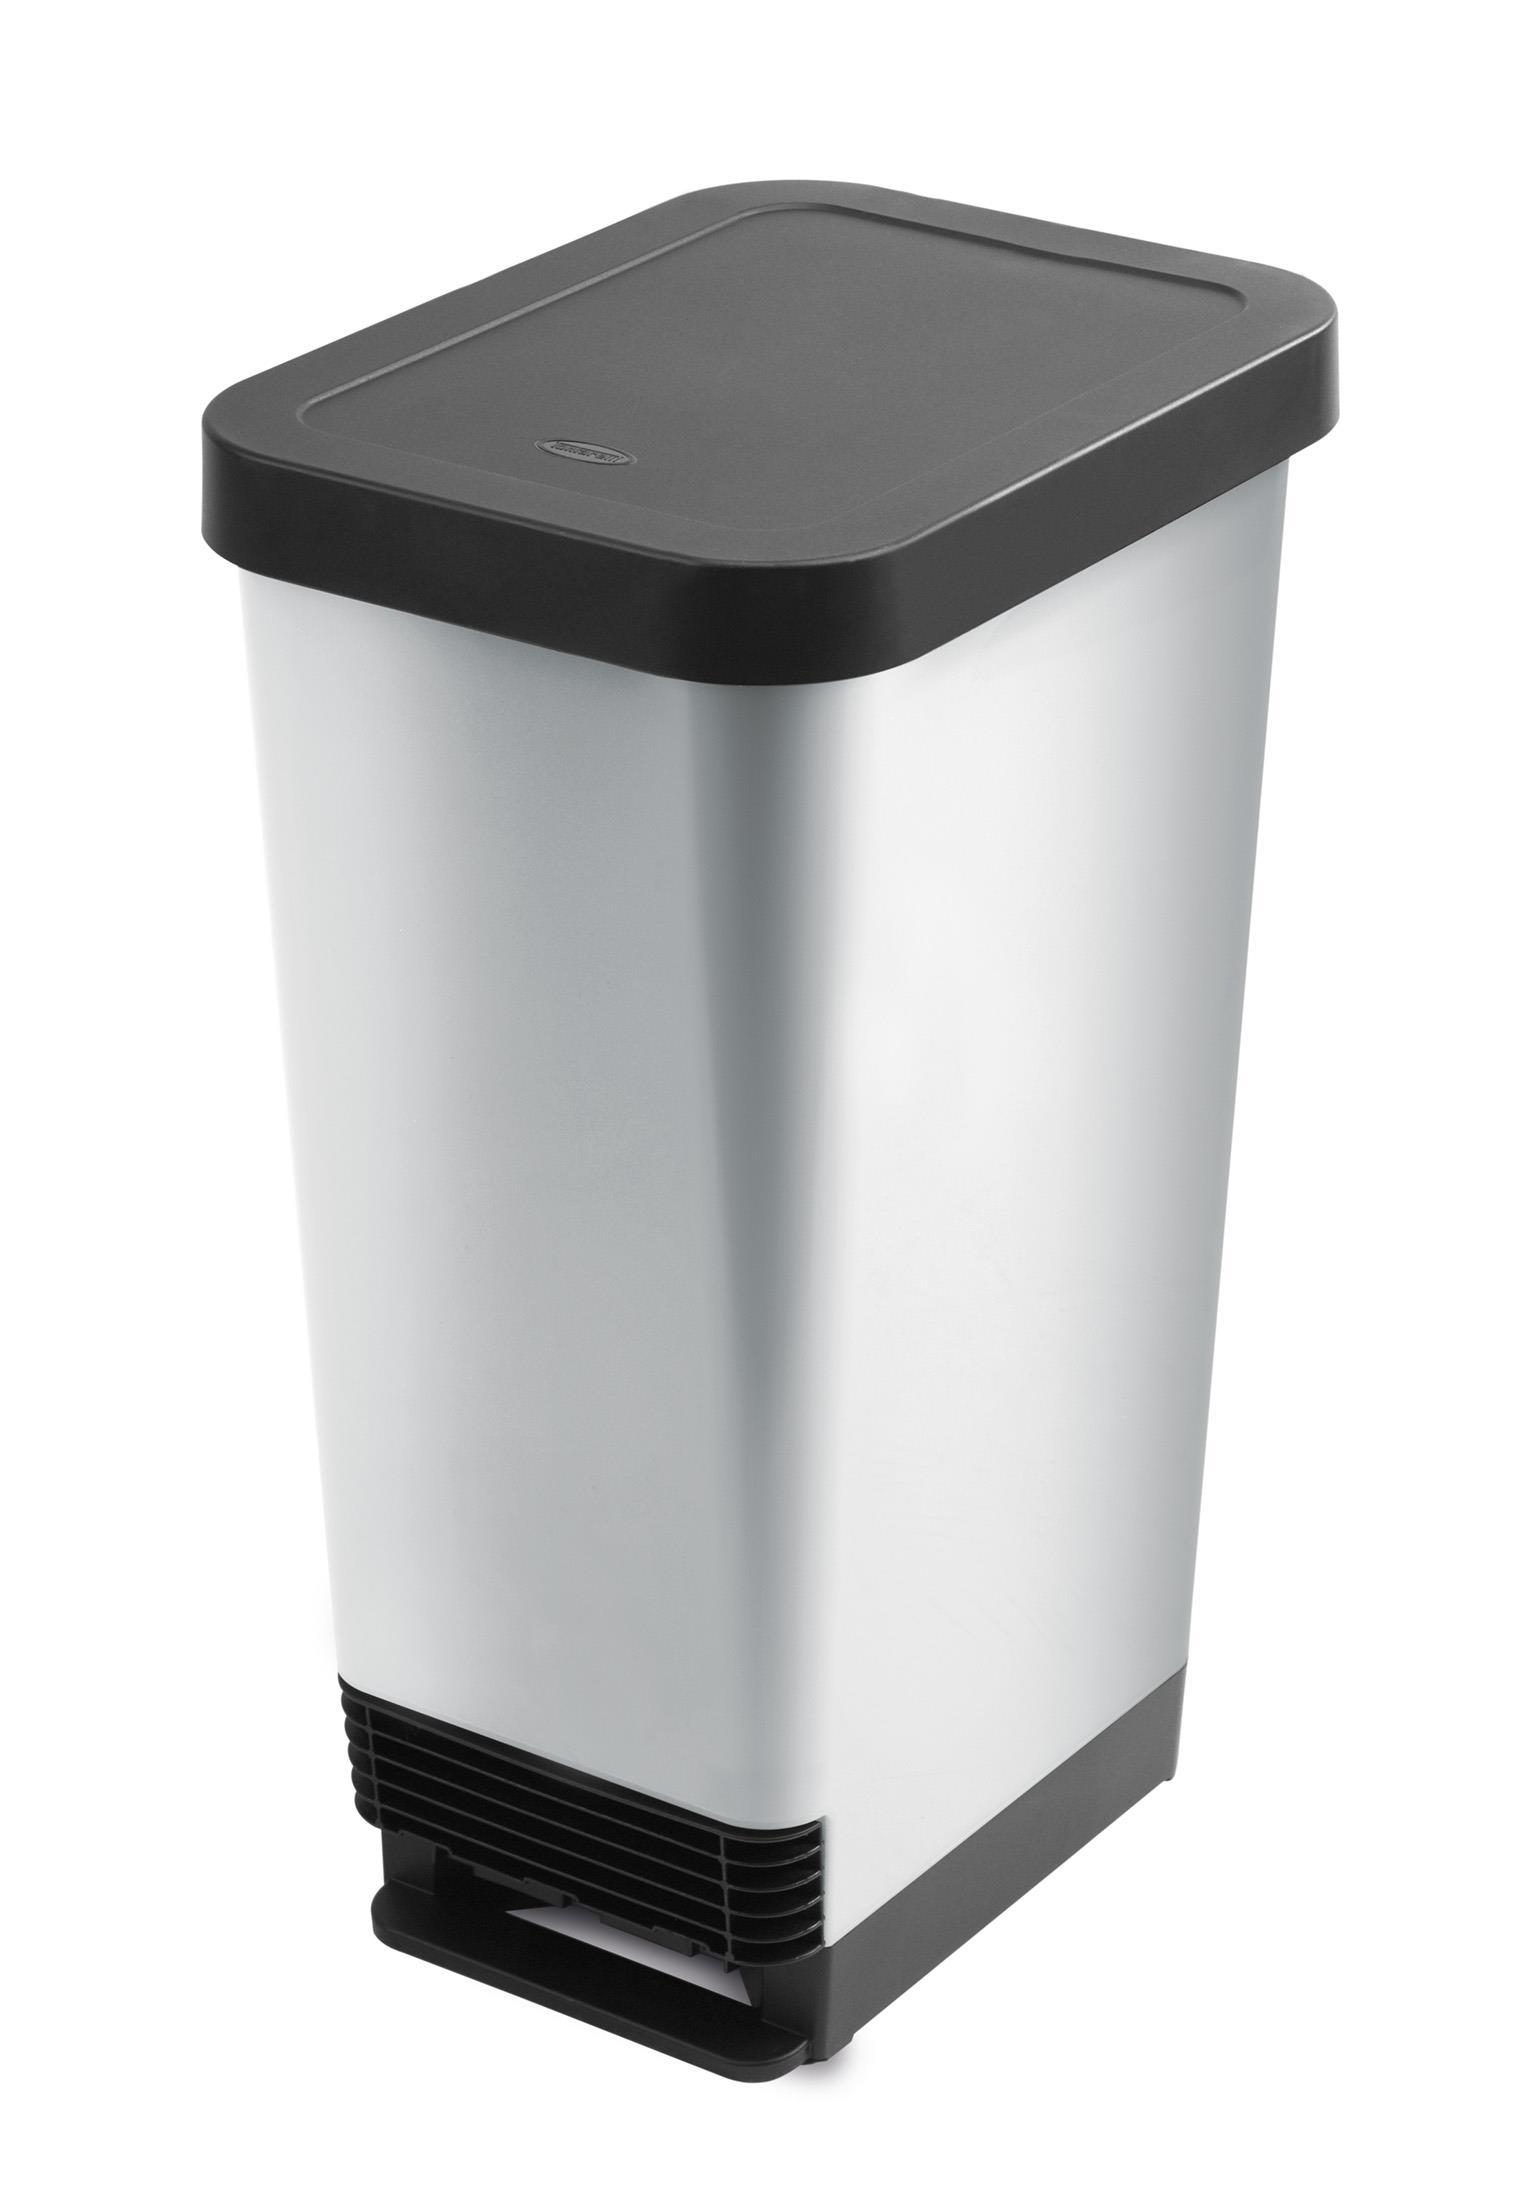 פח אשפה למטבח 40 ליטר - Curver דגם Deco Bin Slim